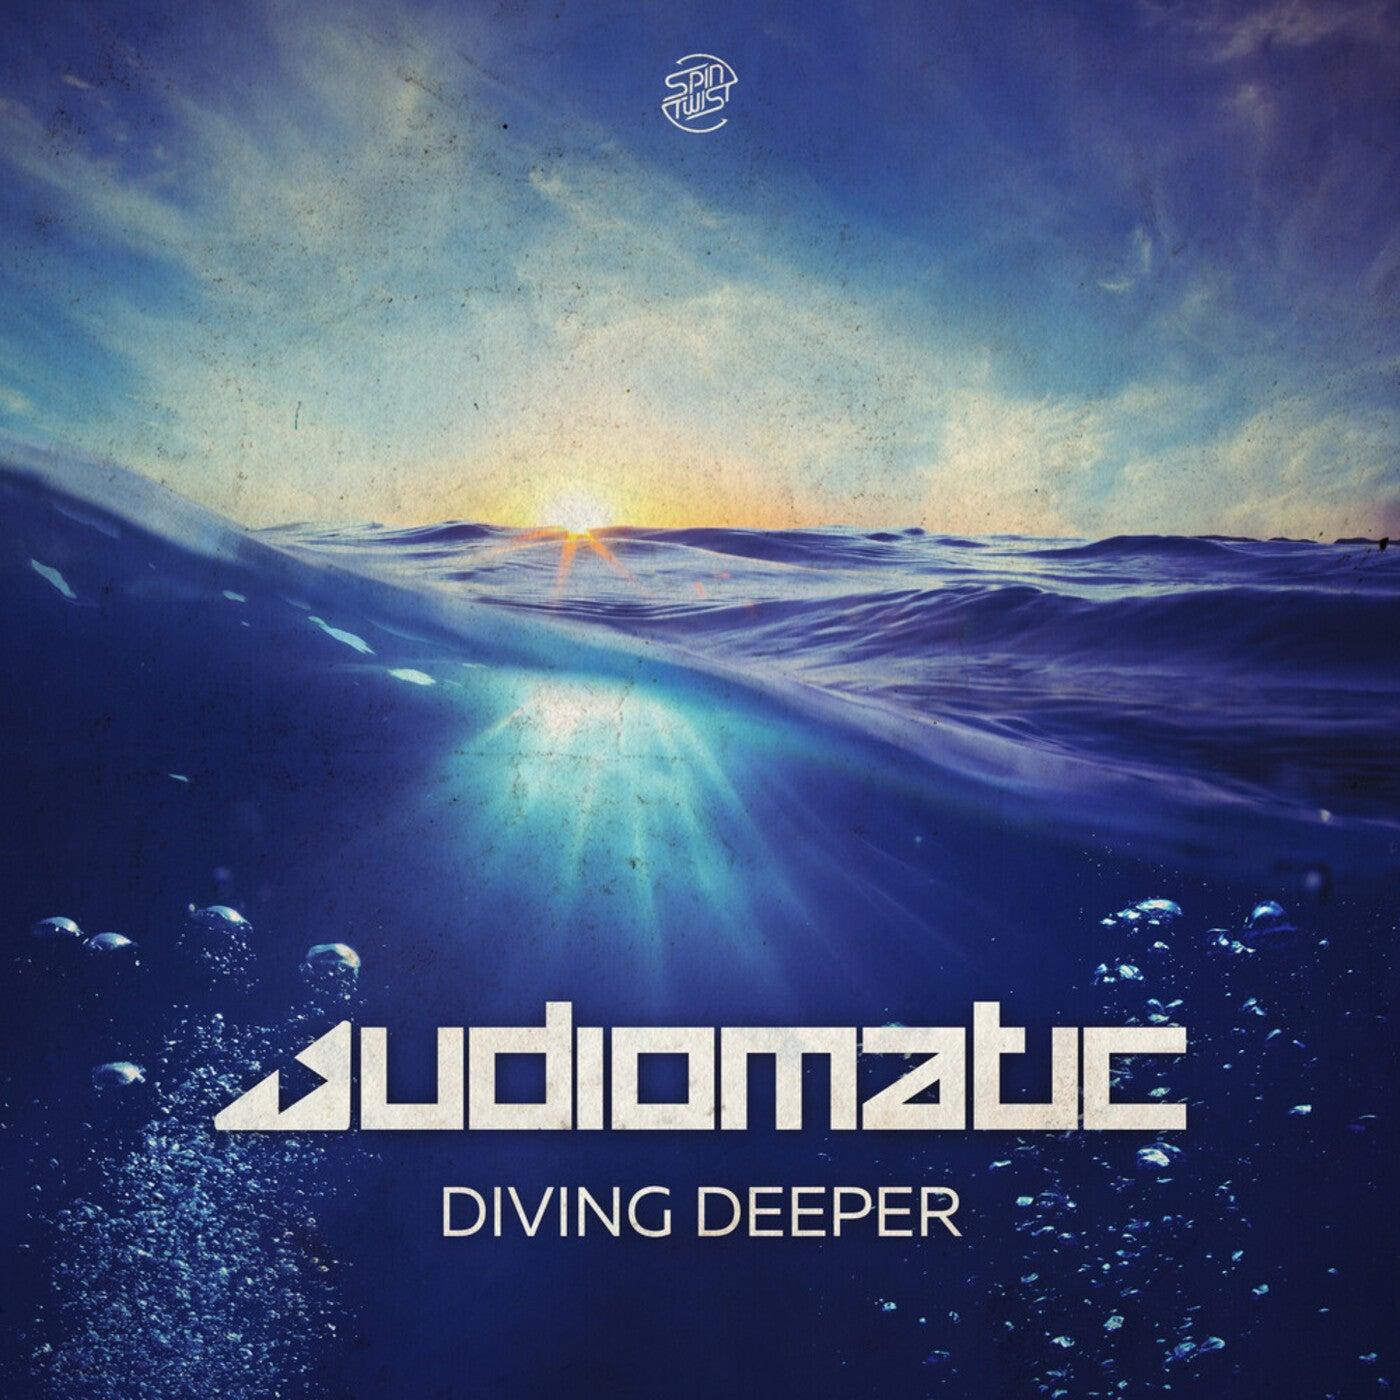 Diving Deeper (Original Mix)